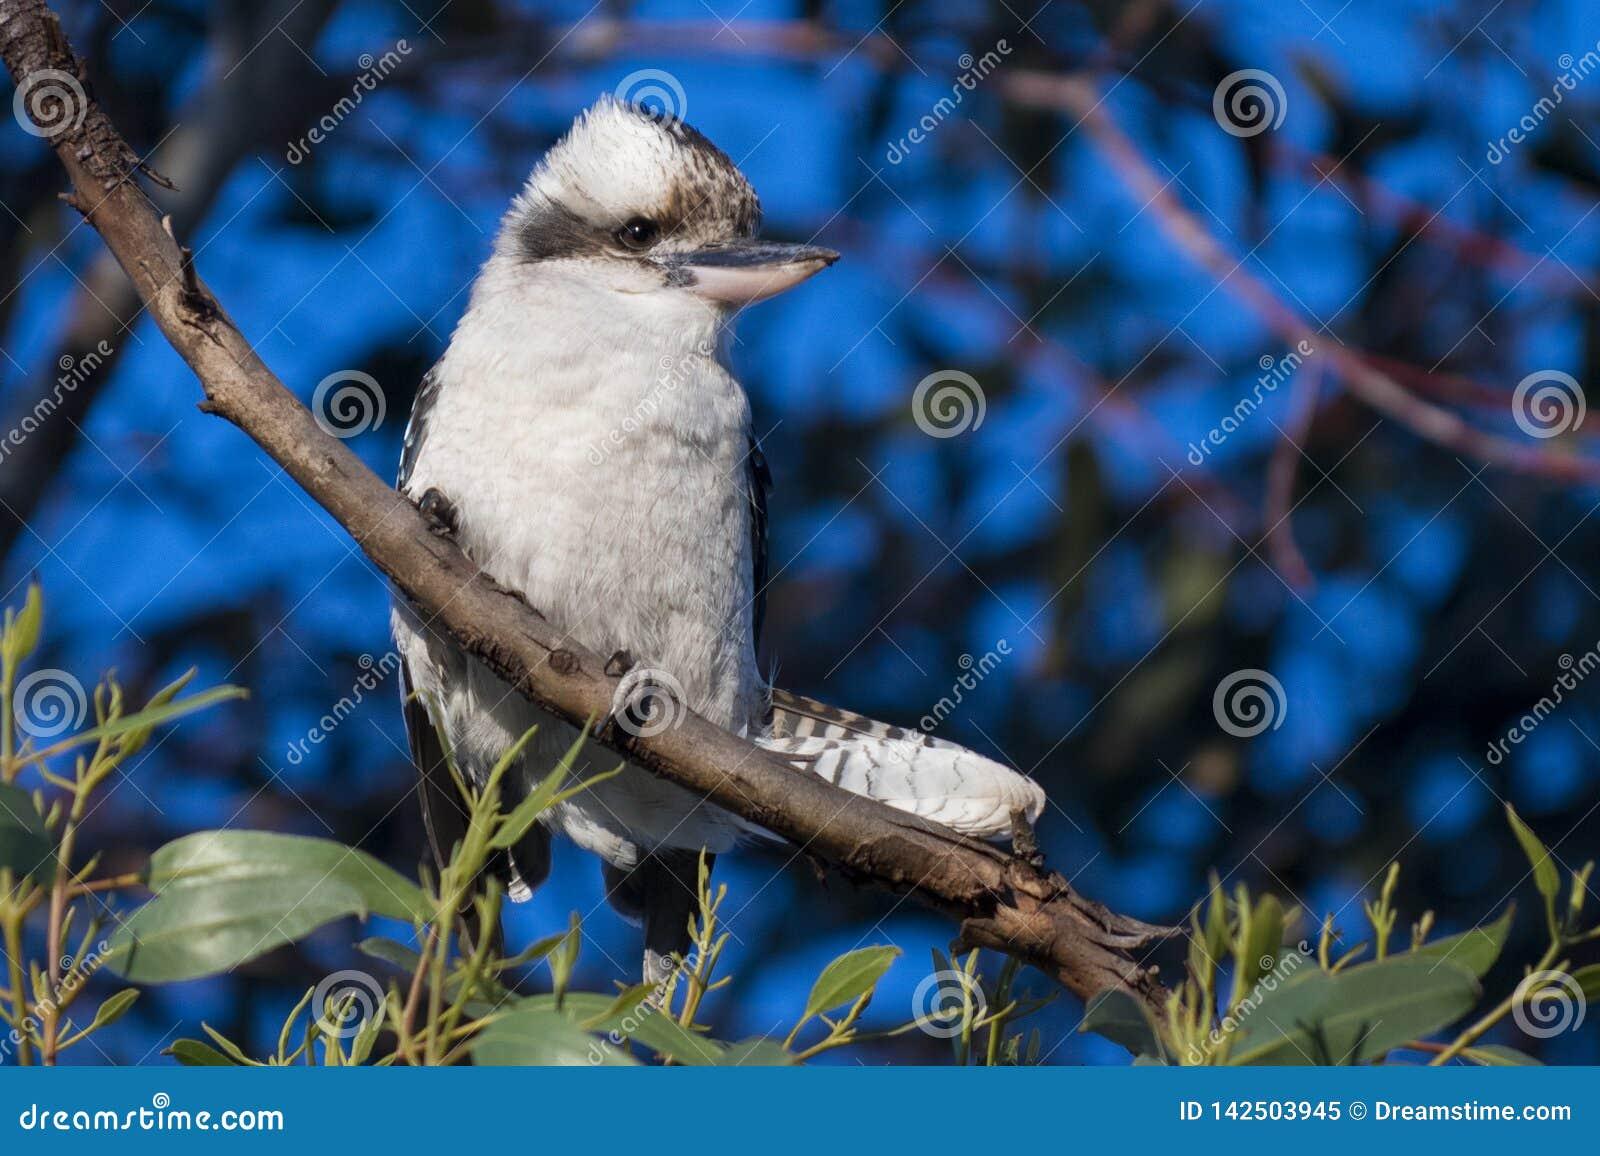 Mooie Australische Witte Vogel - Kookaburra